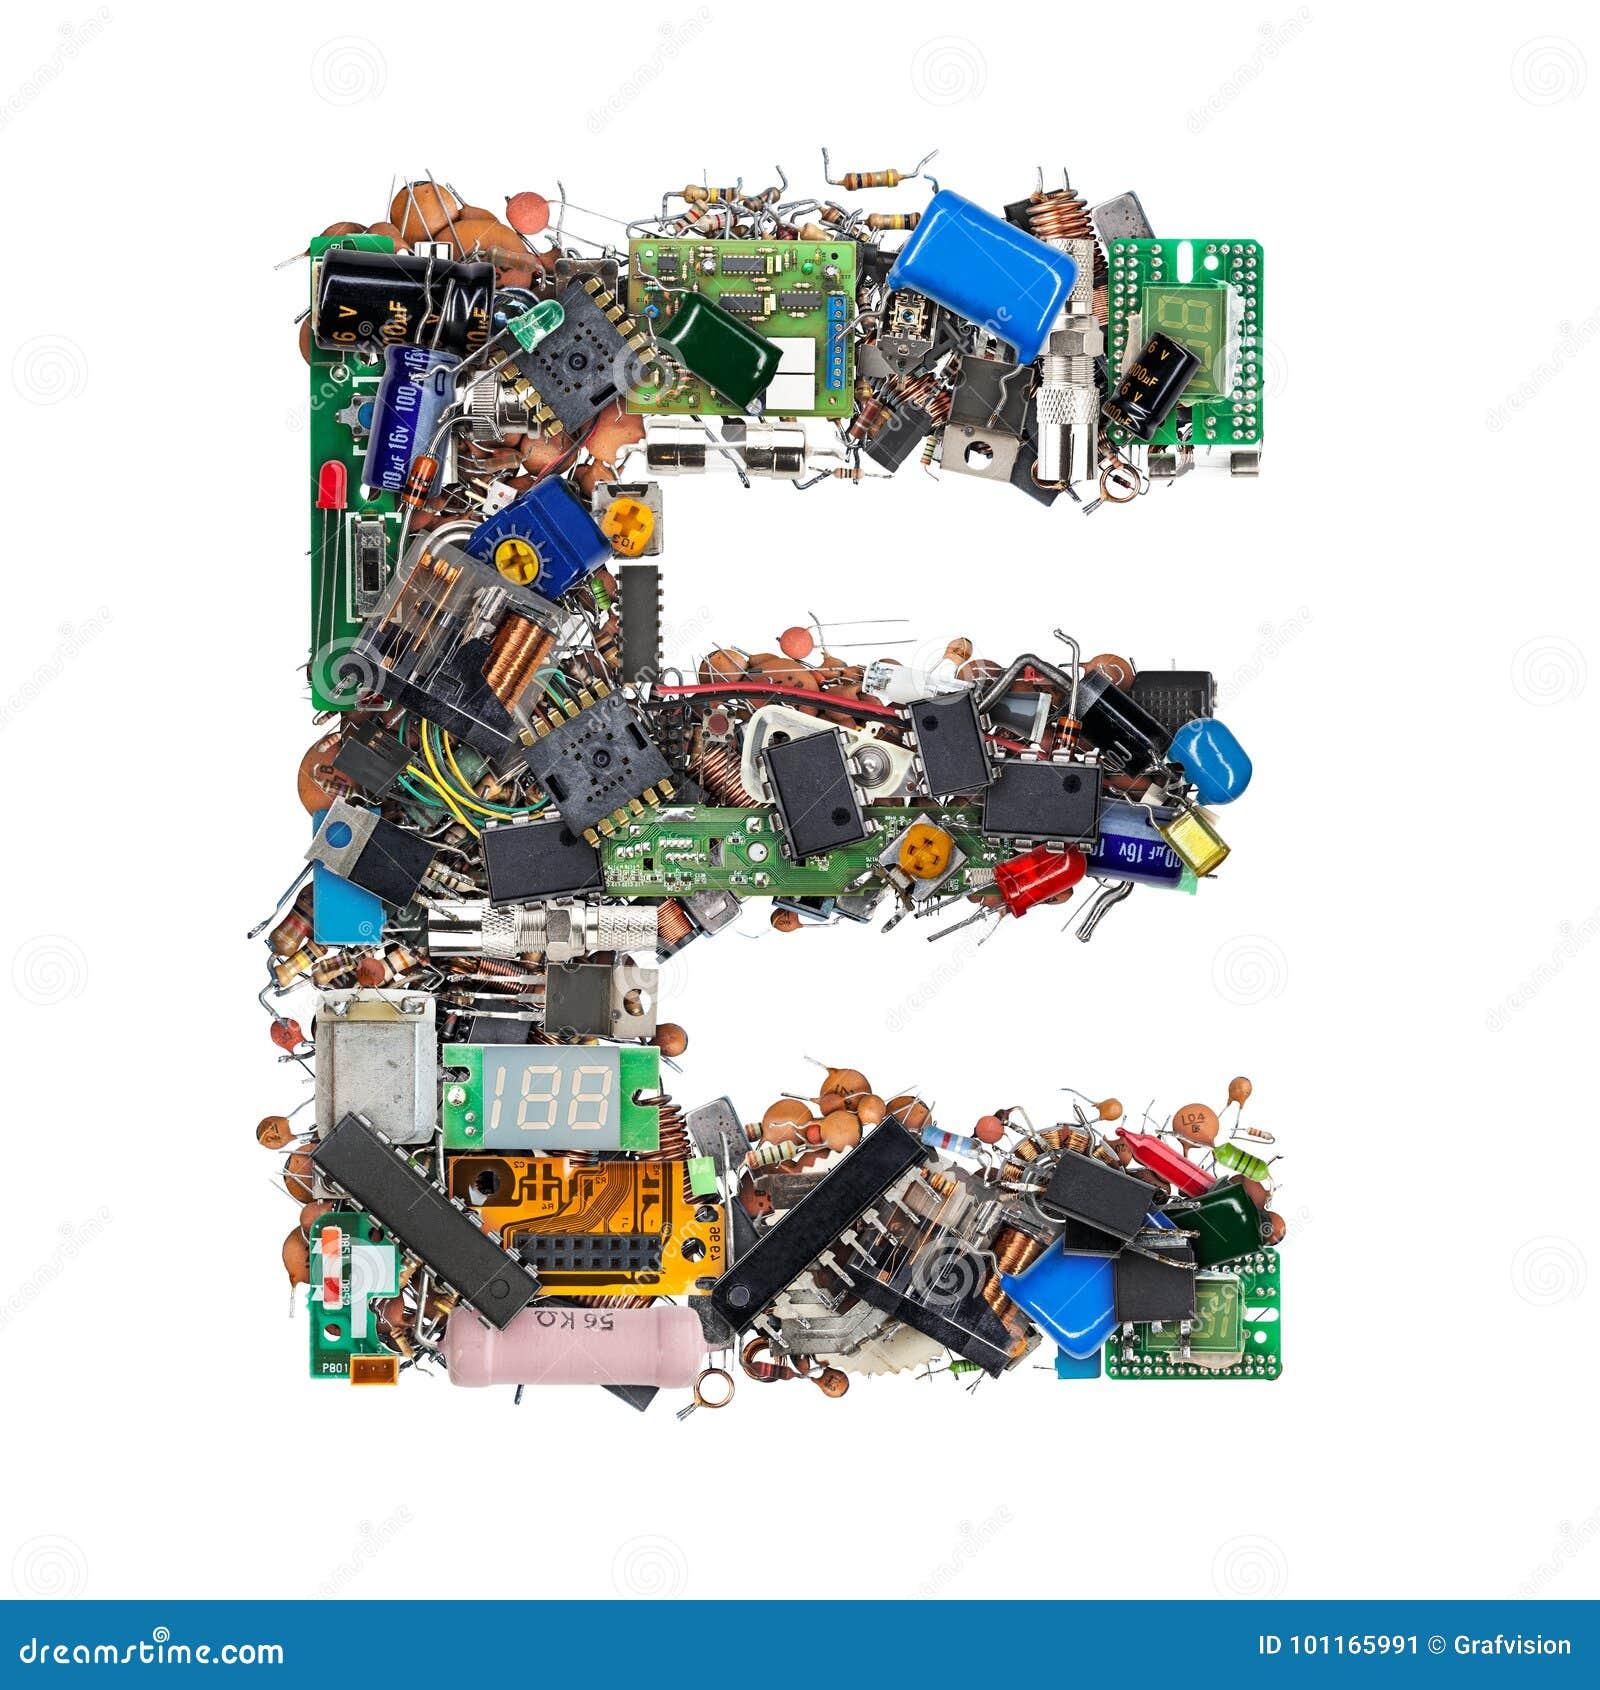 Letra E feita de componentes eletrônicos